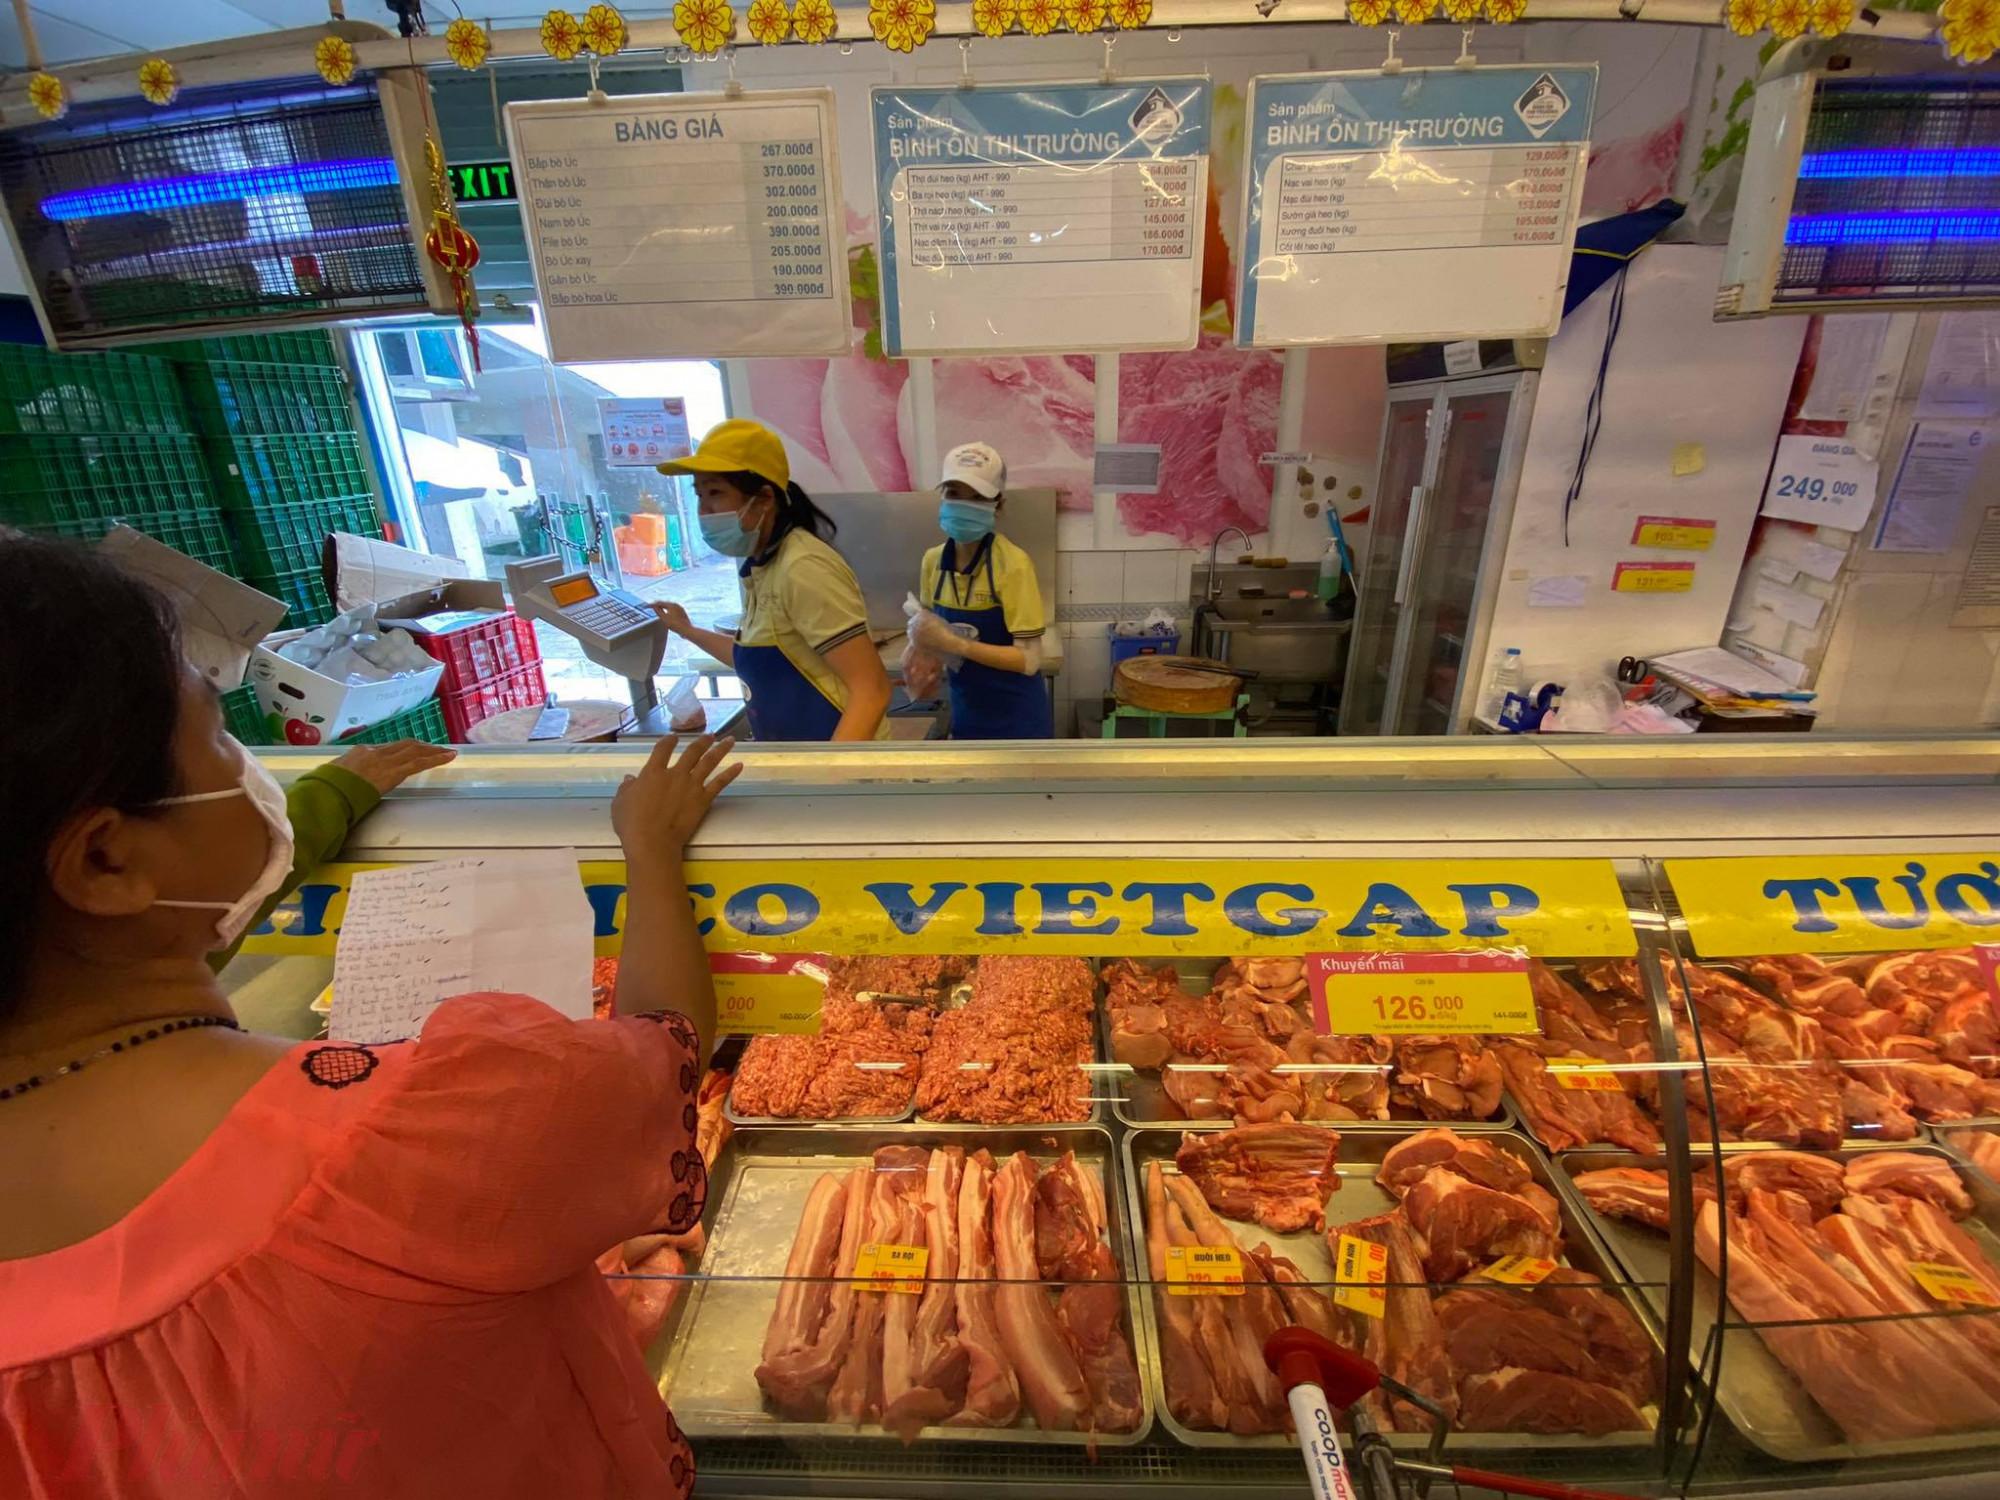 Một khách hàng đang chuẩn bị nhận thịt theo danh sách đã soạn hân viên đang soạn thực phẩm cho khách